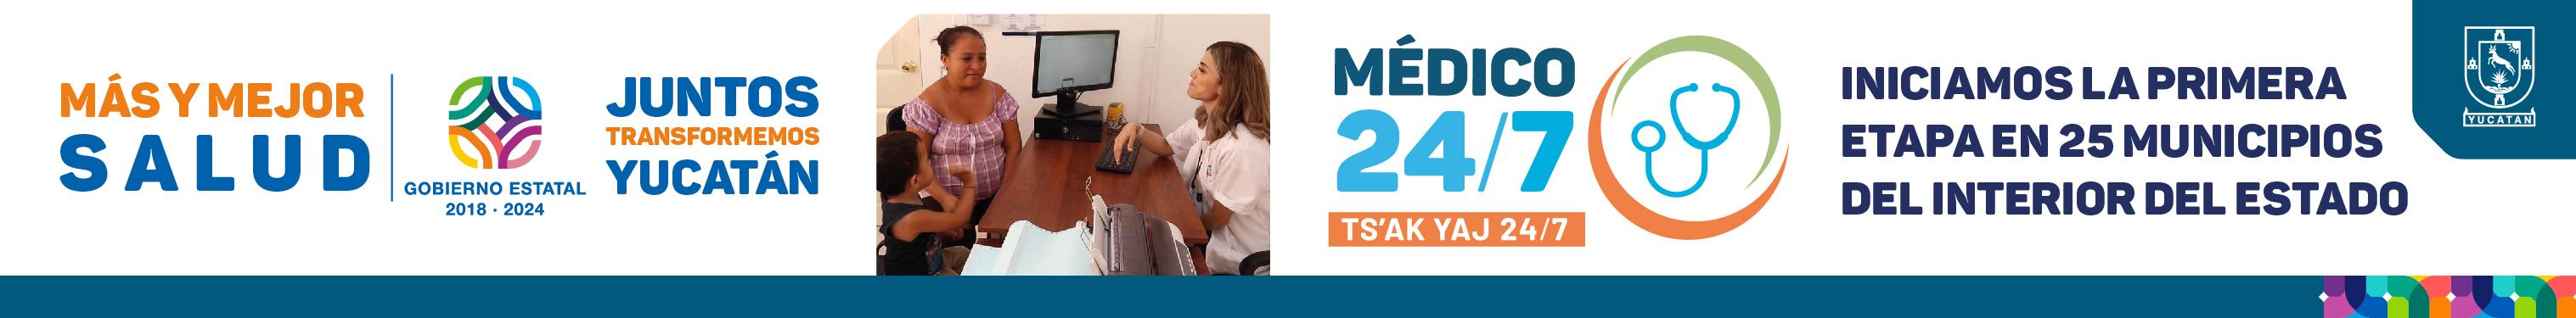 medico 24-7